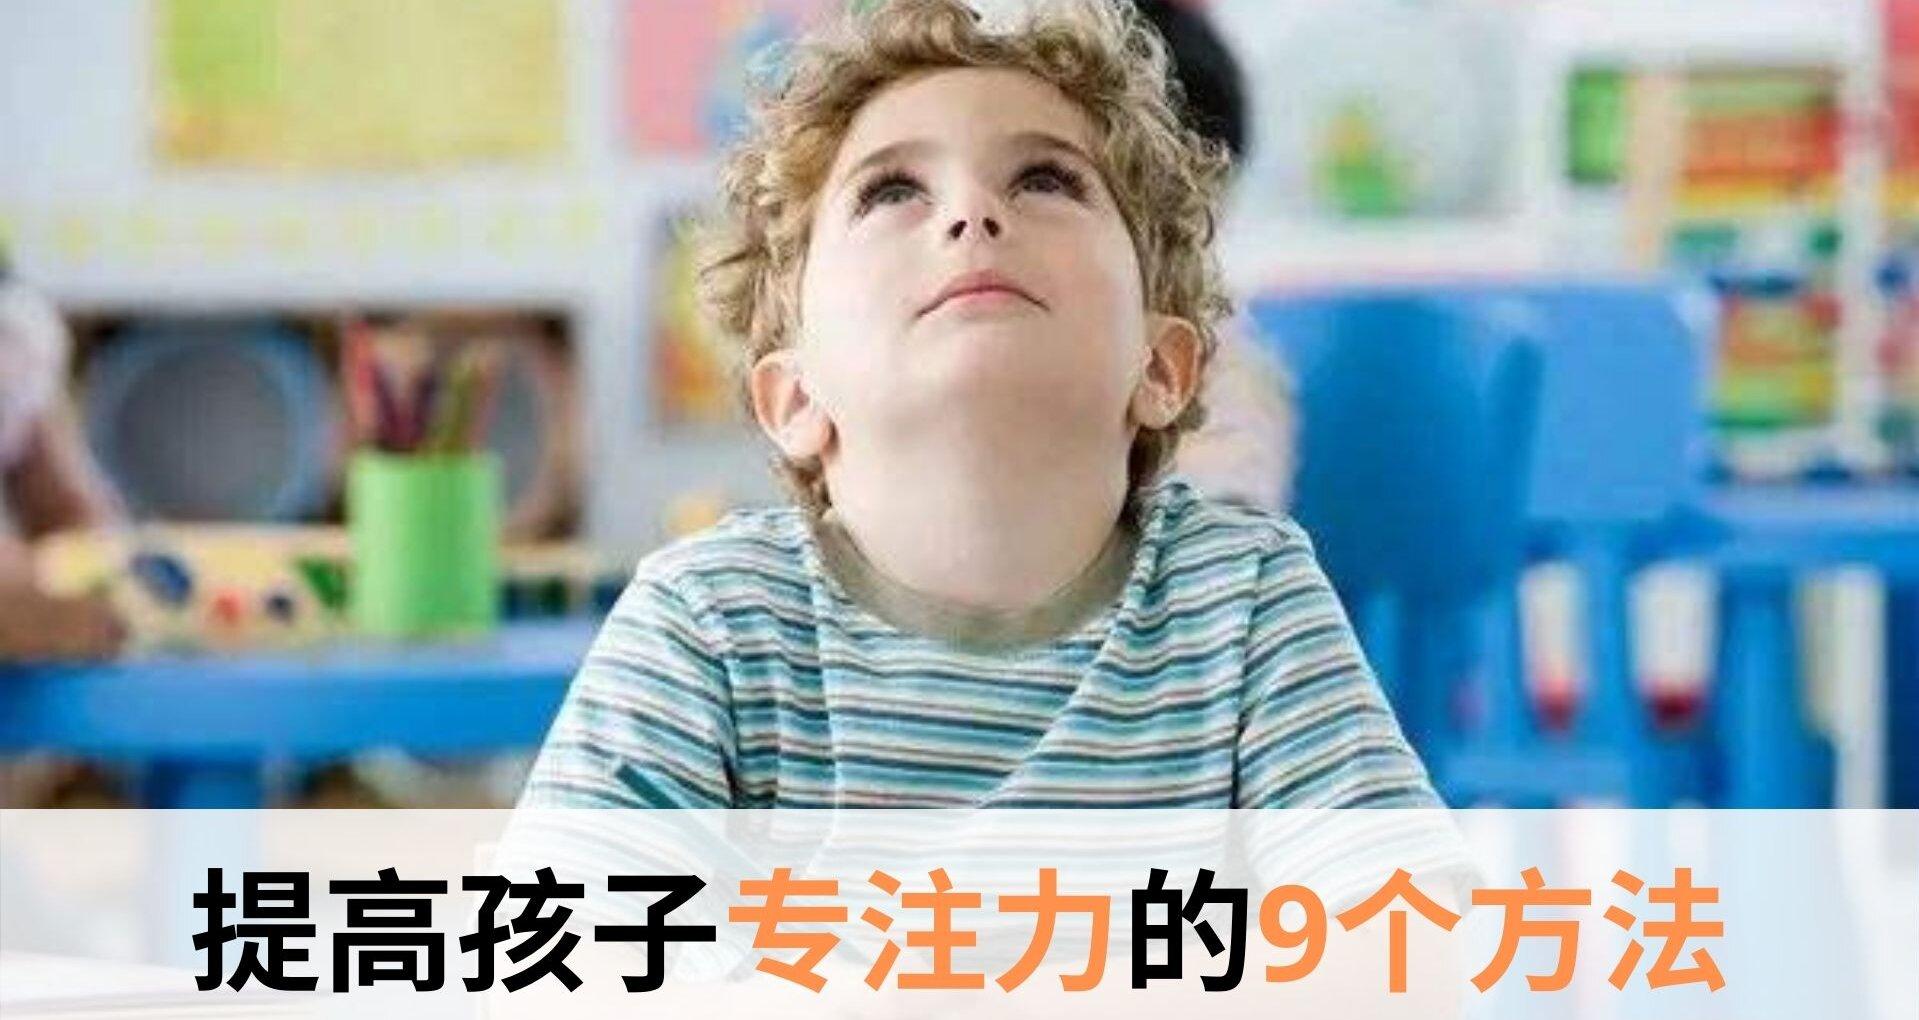 提高孩子专注力的9个方法